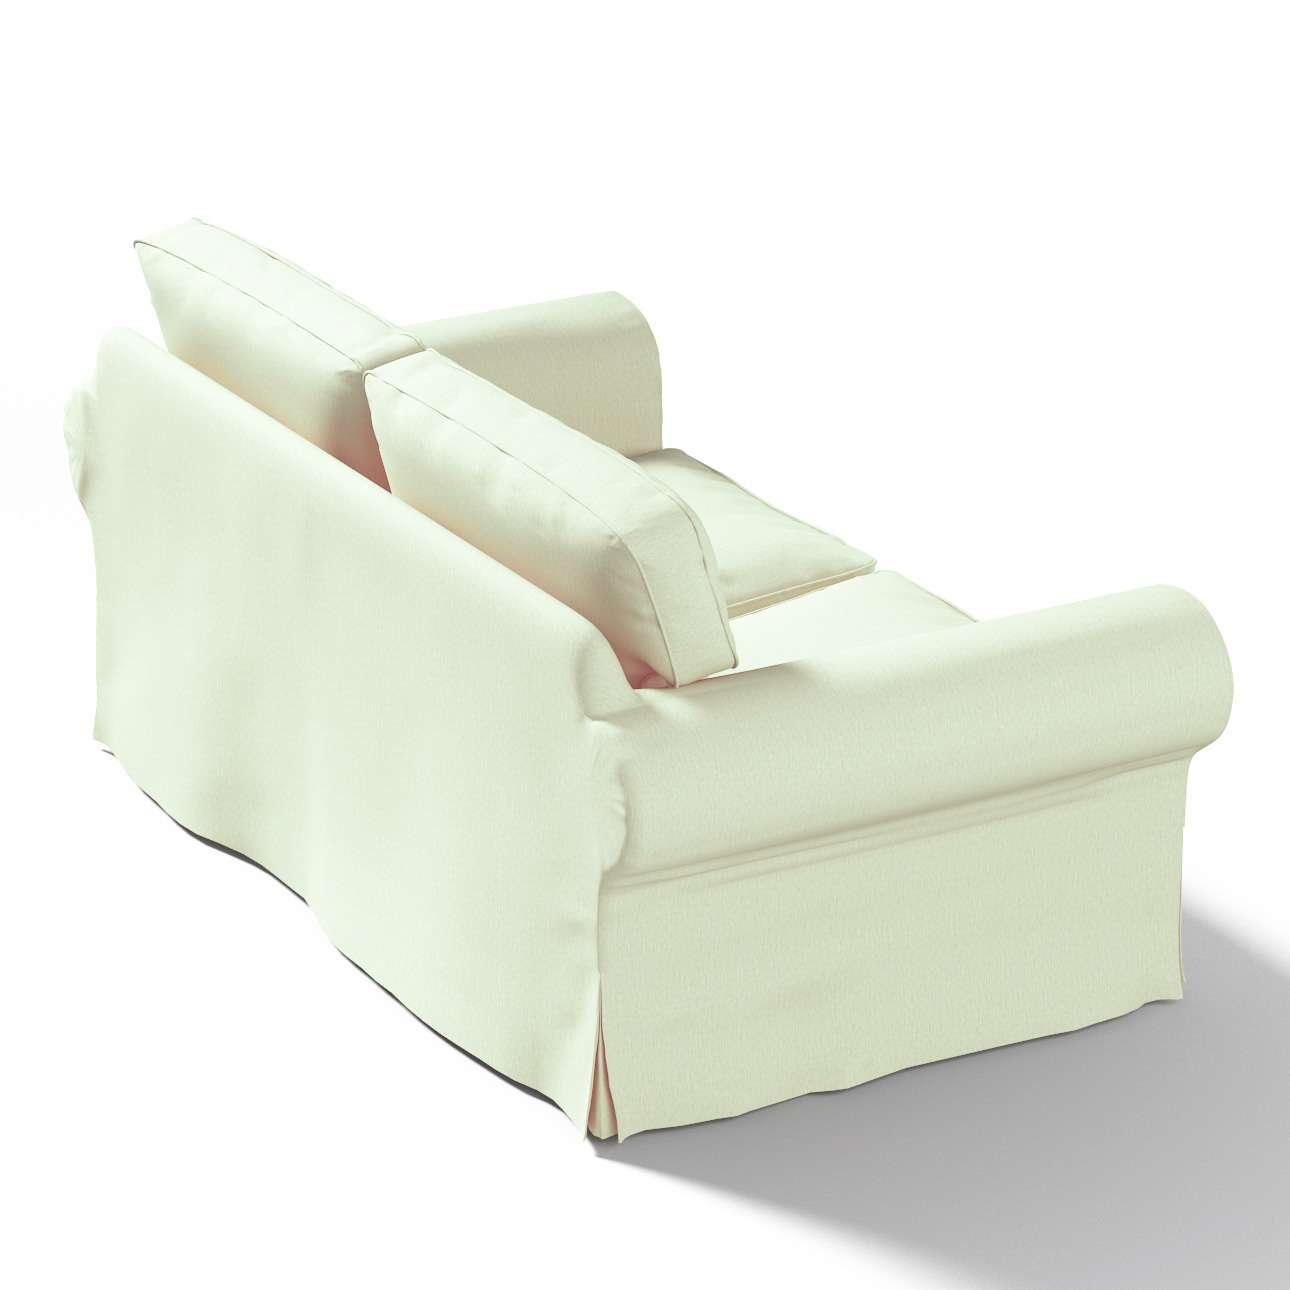 Ektorp 2 sæder Betræk uden sofa fra kollektionen Chenille, Stof: 702-22